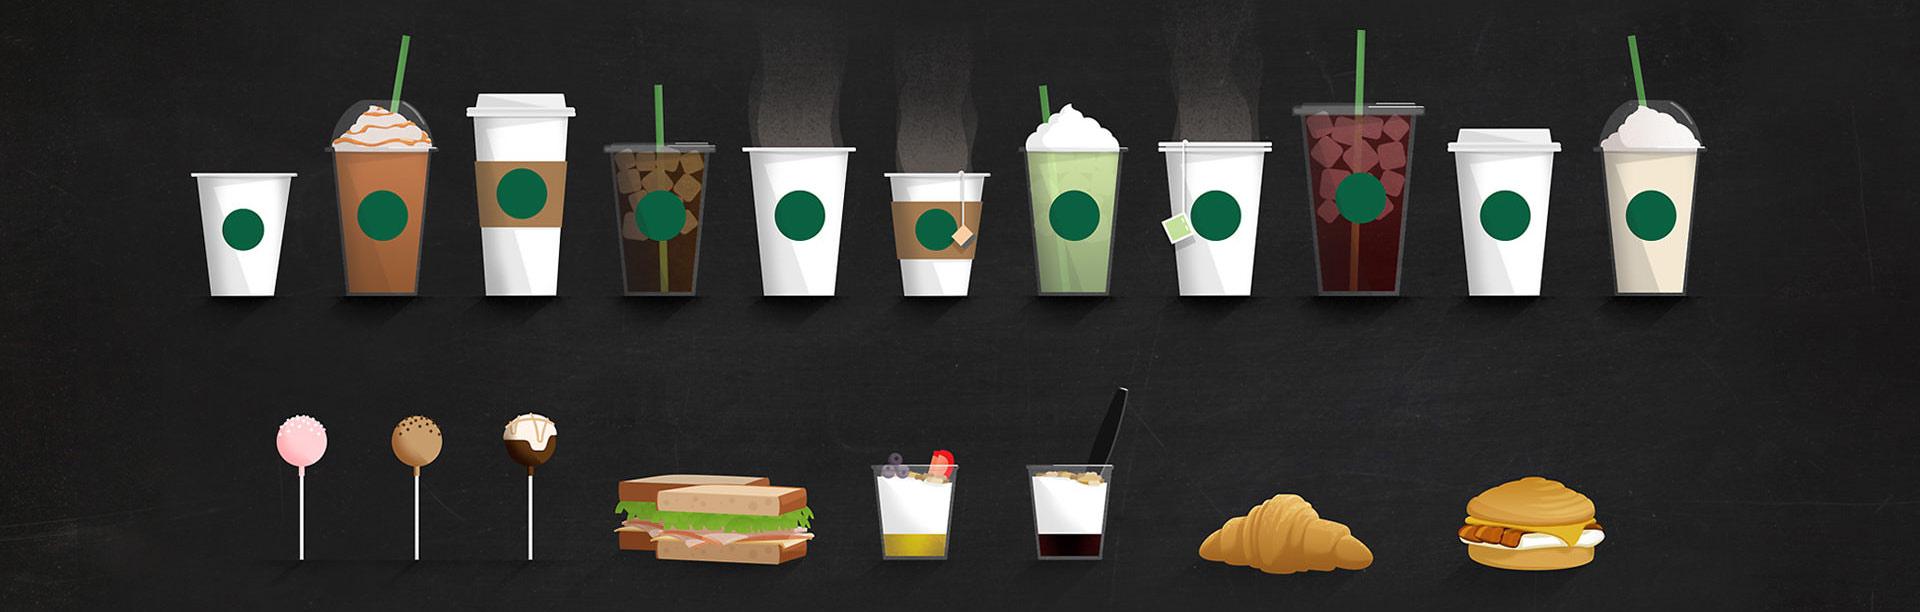 Full Starbucks product line